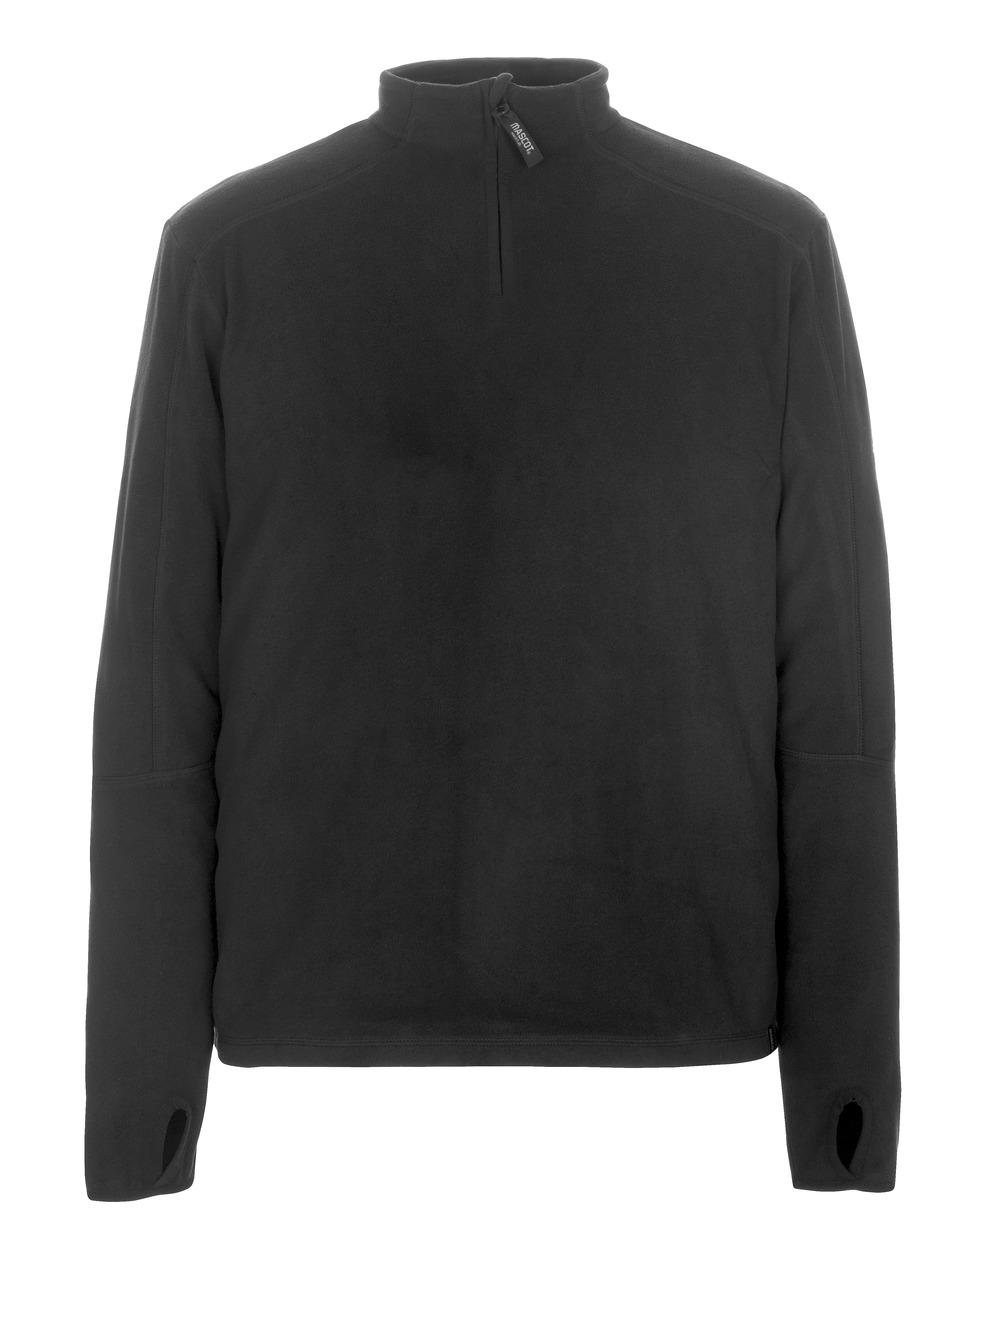 50531-923-09 Fleece Jumper with half zip - black